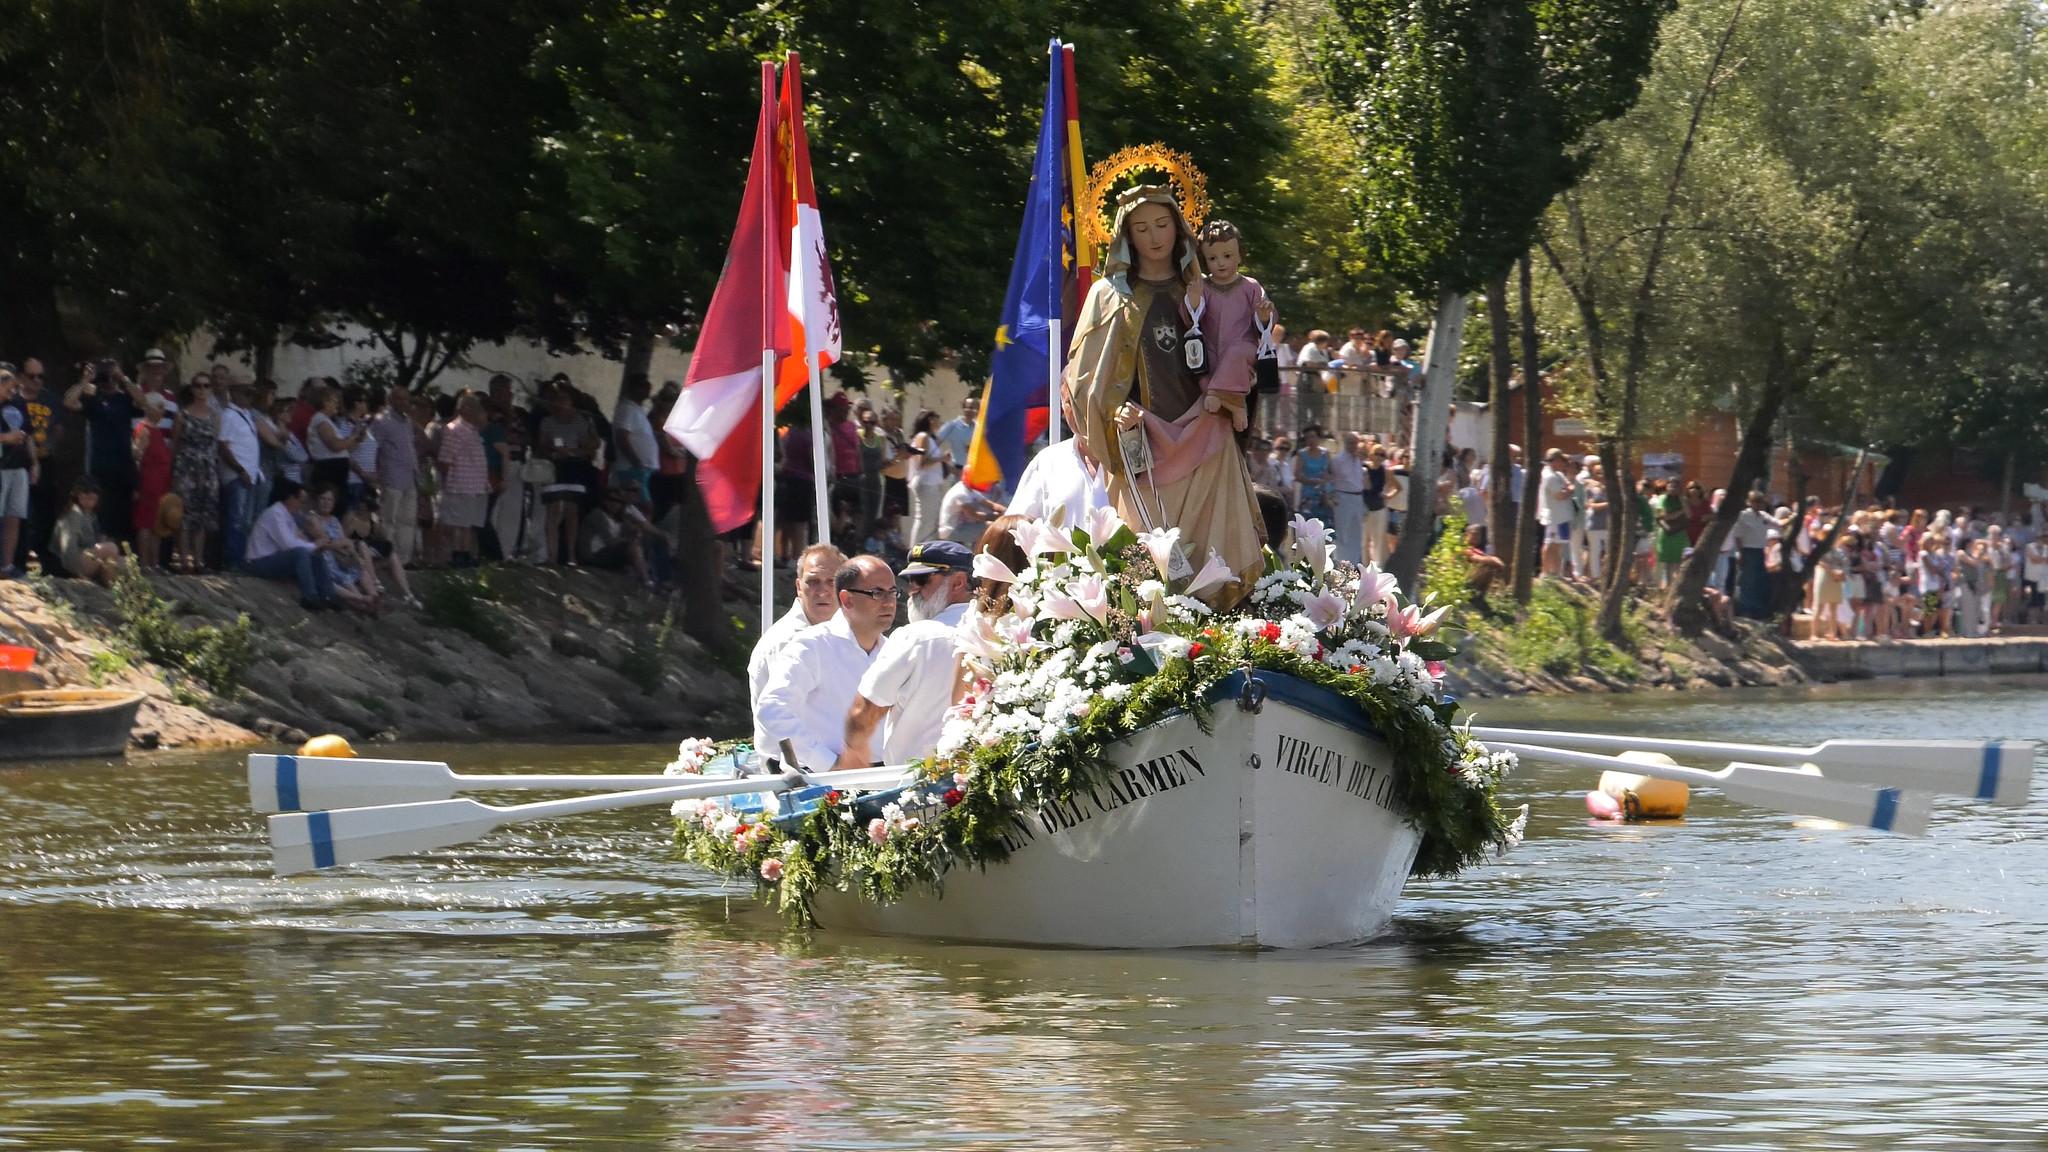 16-7-2017 - Misa y procesión fluvial Fiesta Ntra. Sra. del Carmen